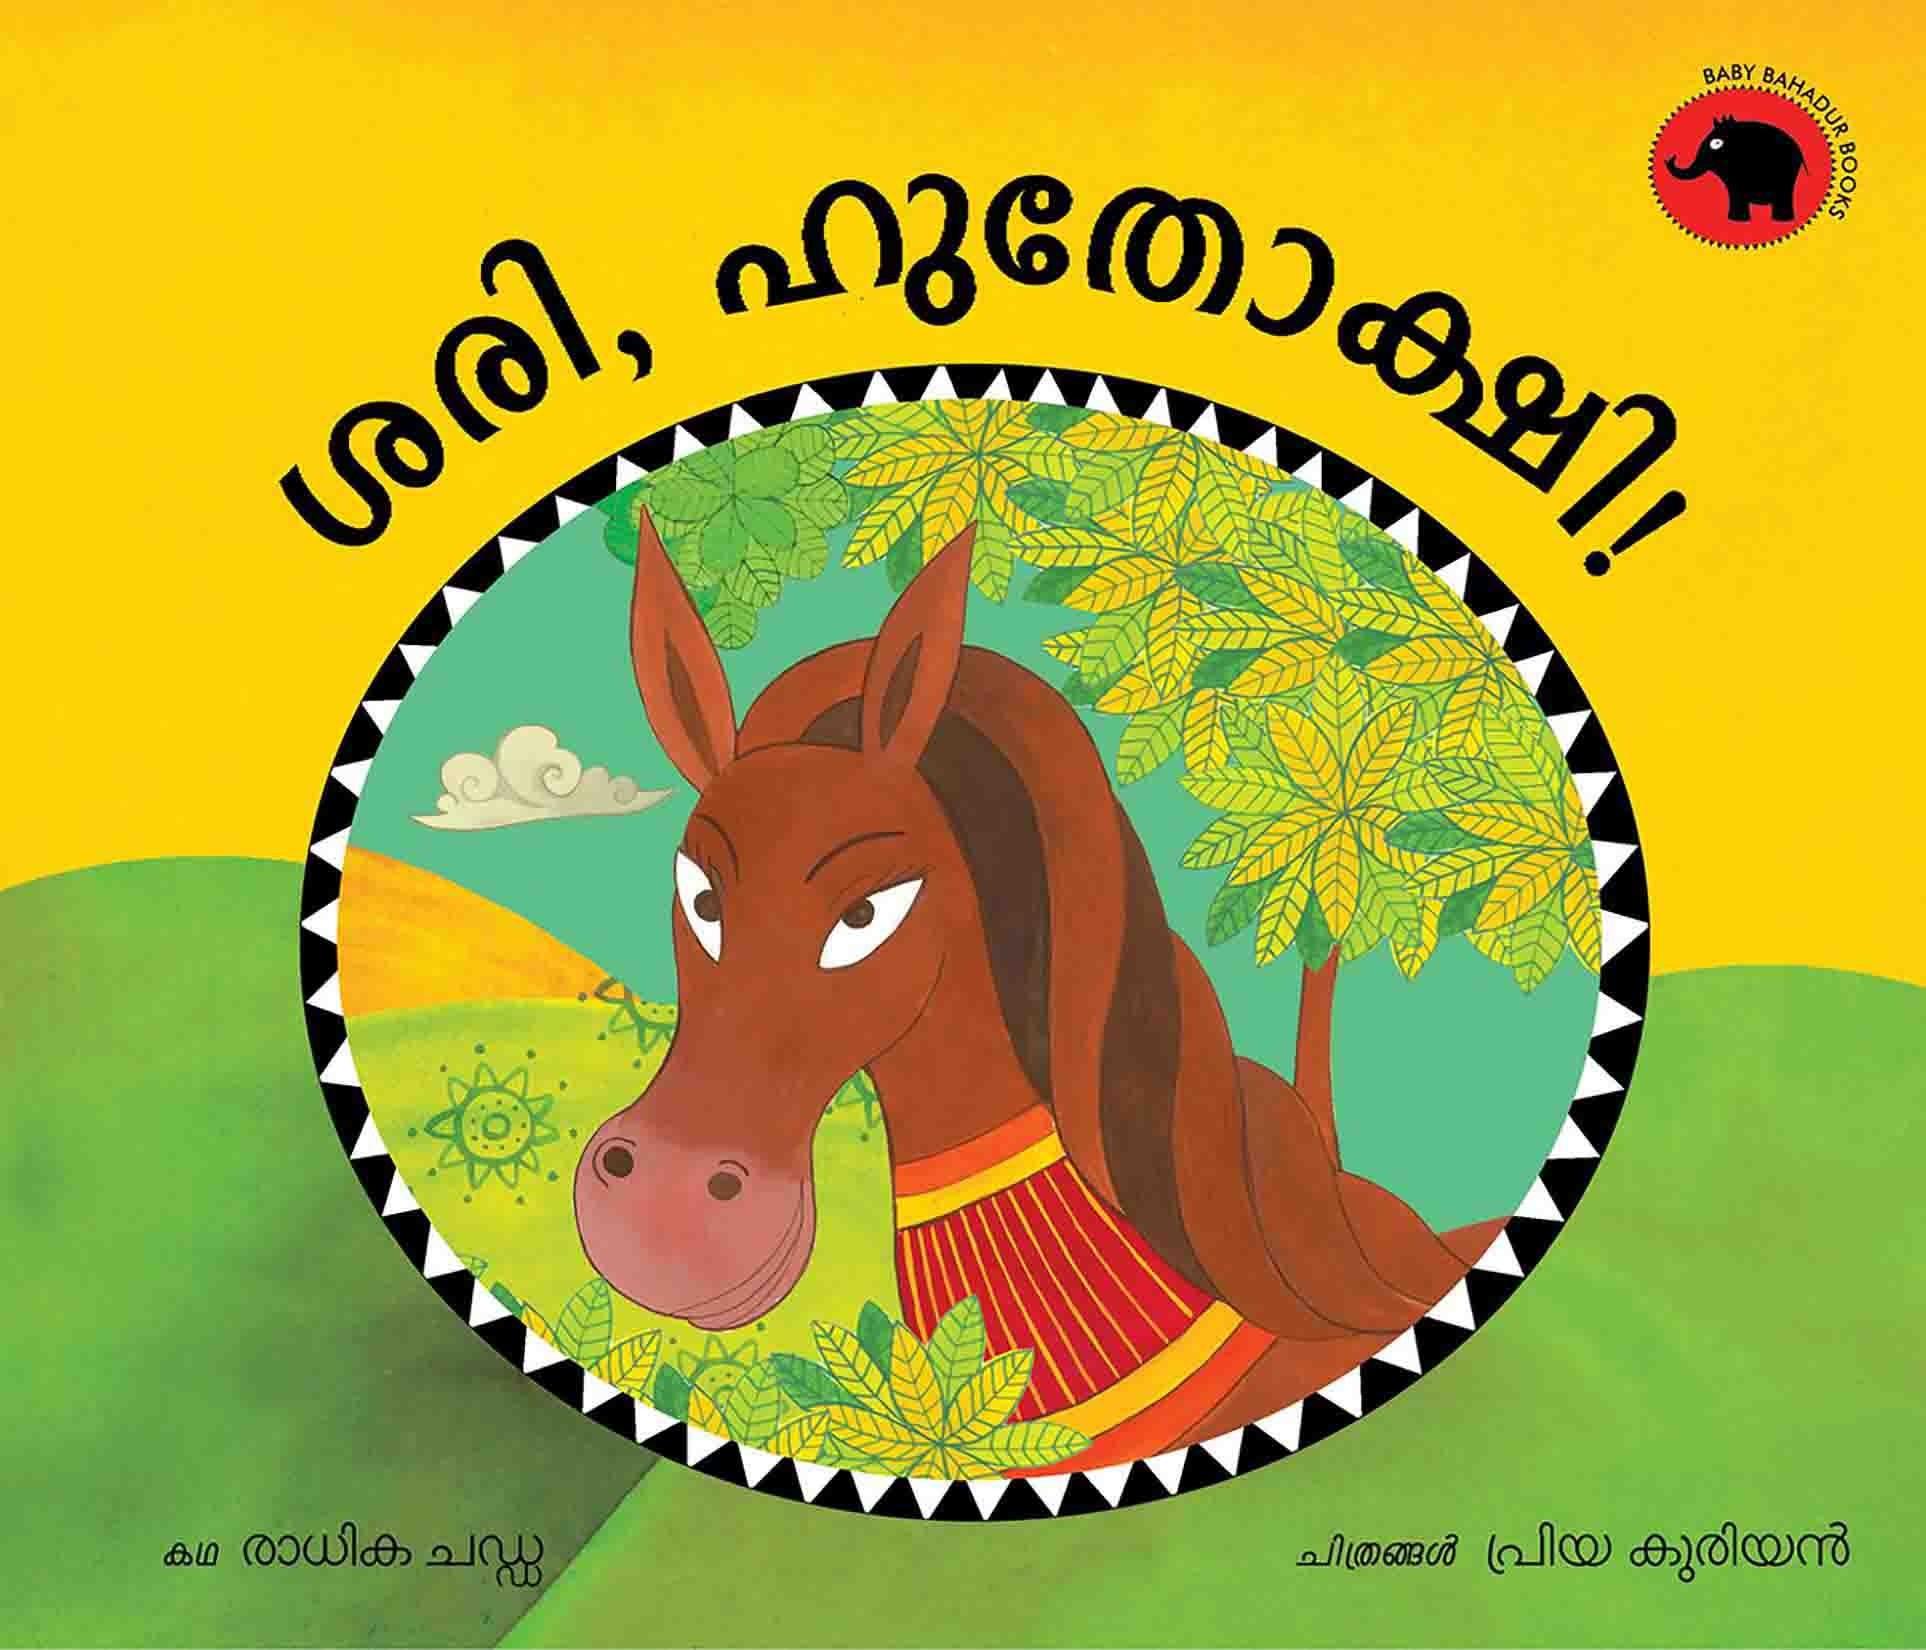 Yes, Hutoxi!/Sheri, Hutoxi (Malayalam)